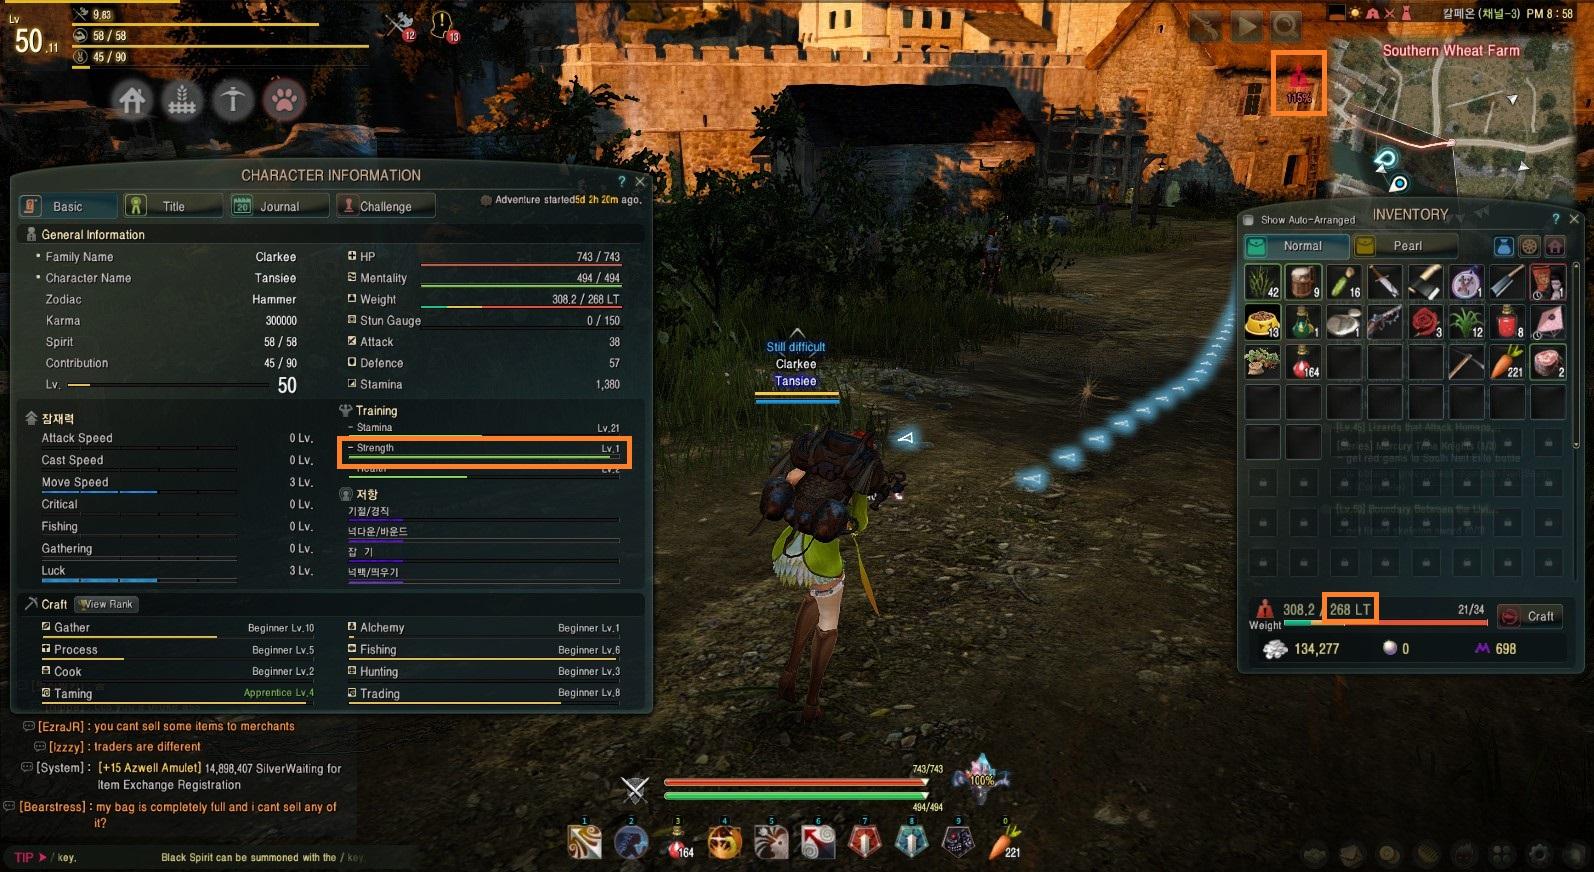 black desert online fast leveling guide